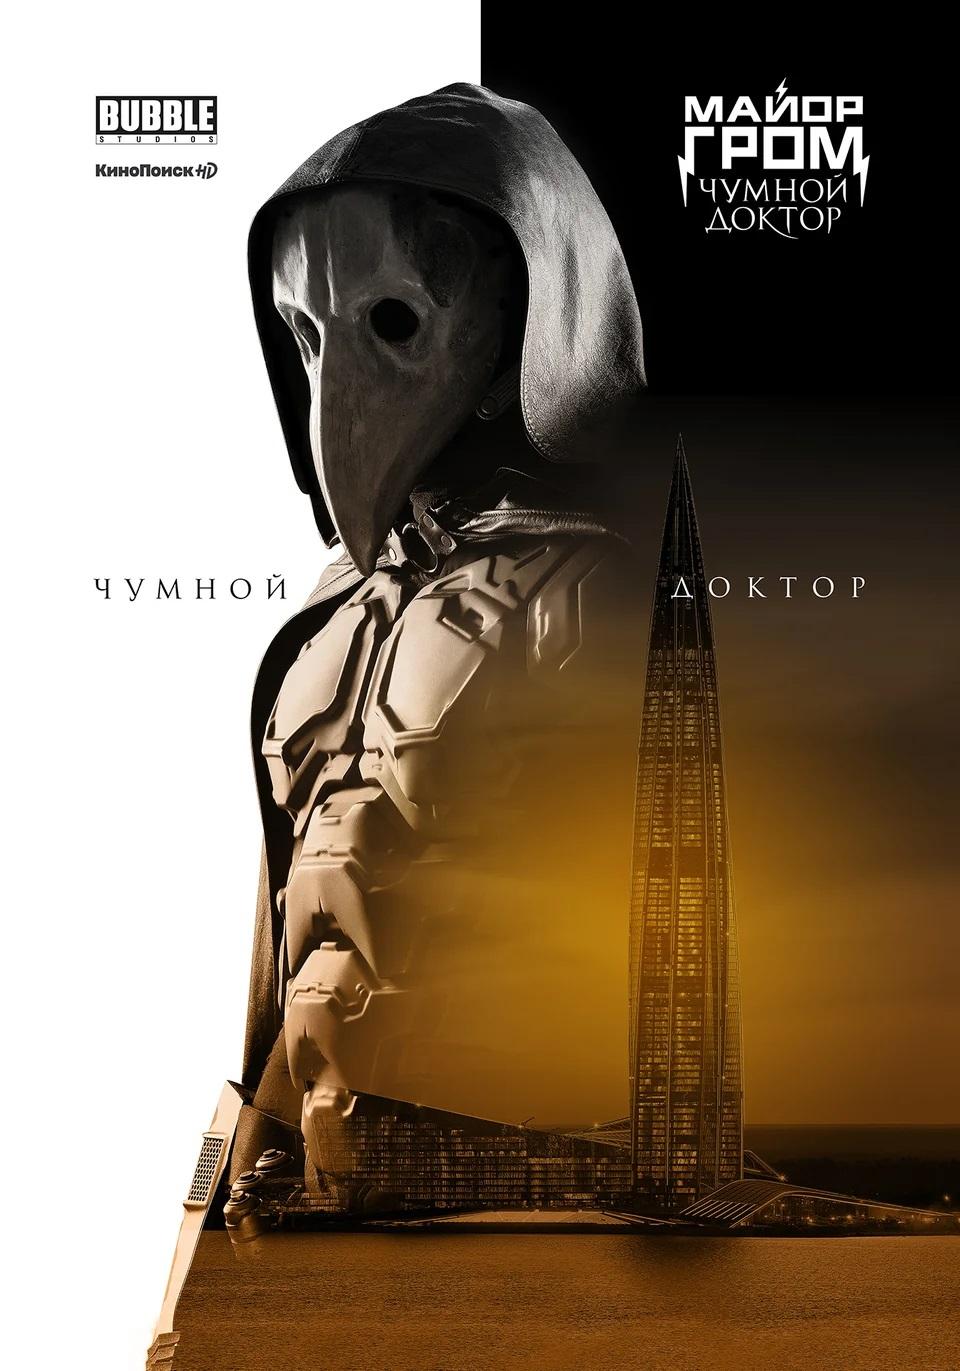 Появились персональные постеры фильма «Майор Гром: Чумной Доктор» | Канобу - Изображение 4336